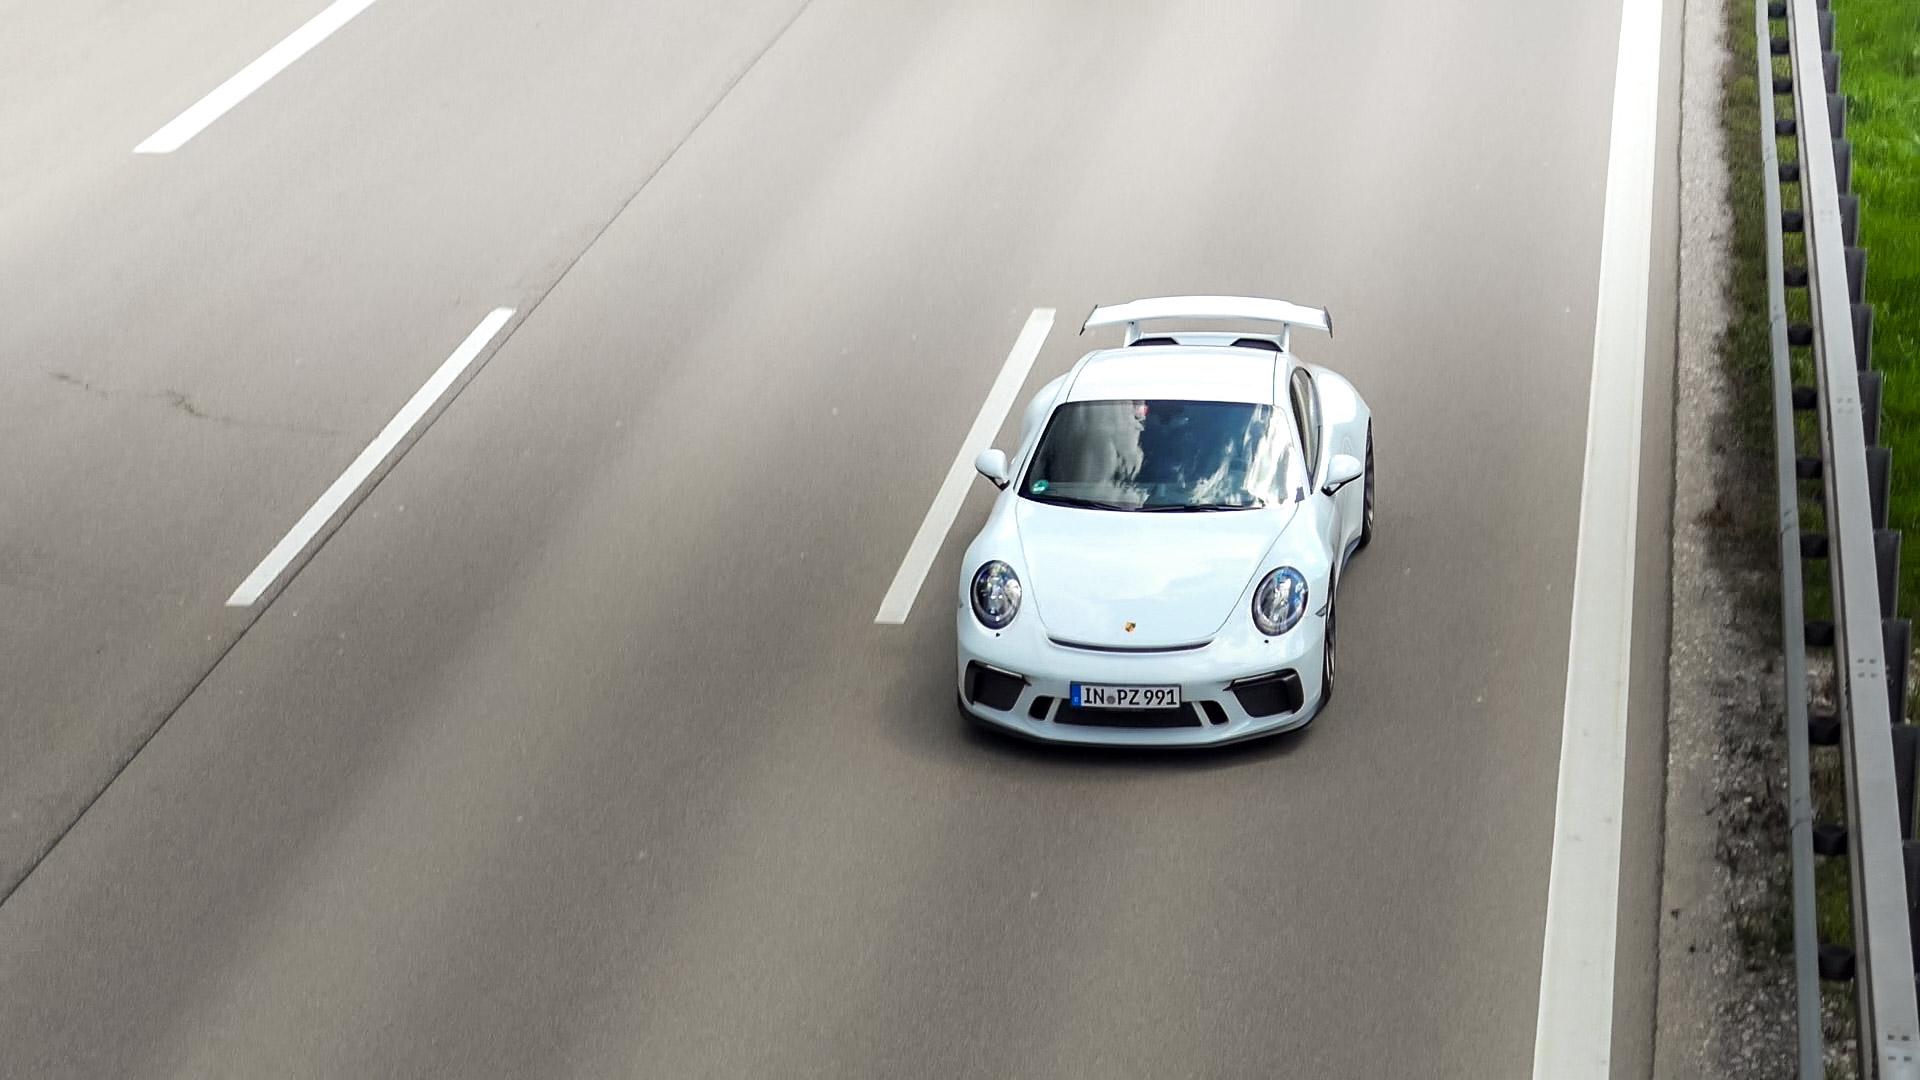 Porsche 991 GT3 - IN-PZ-991